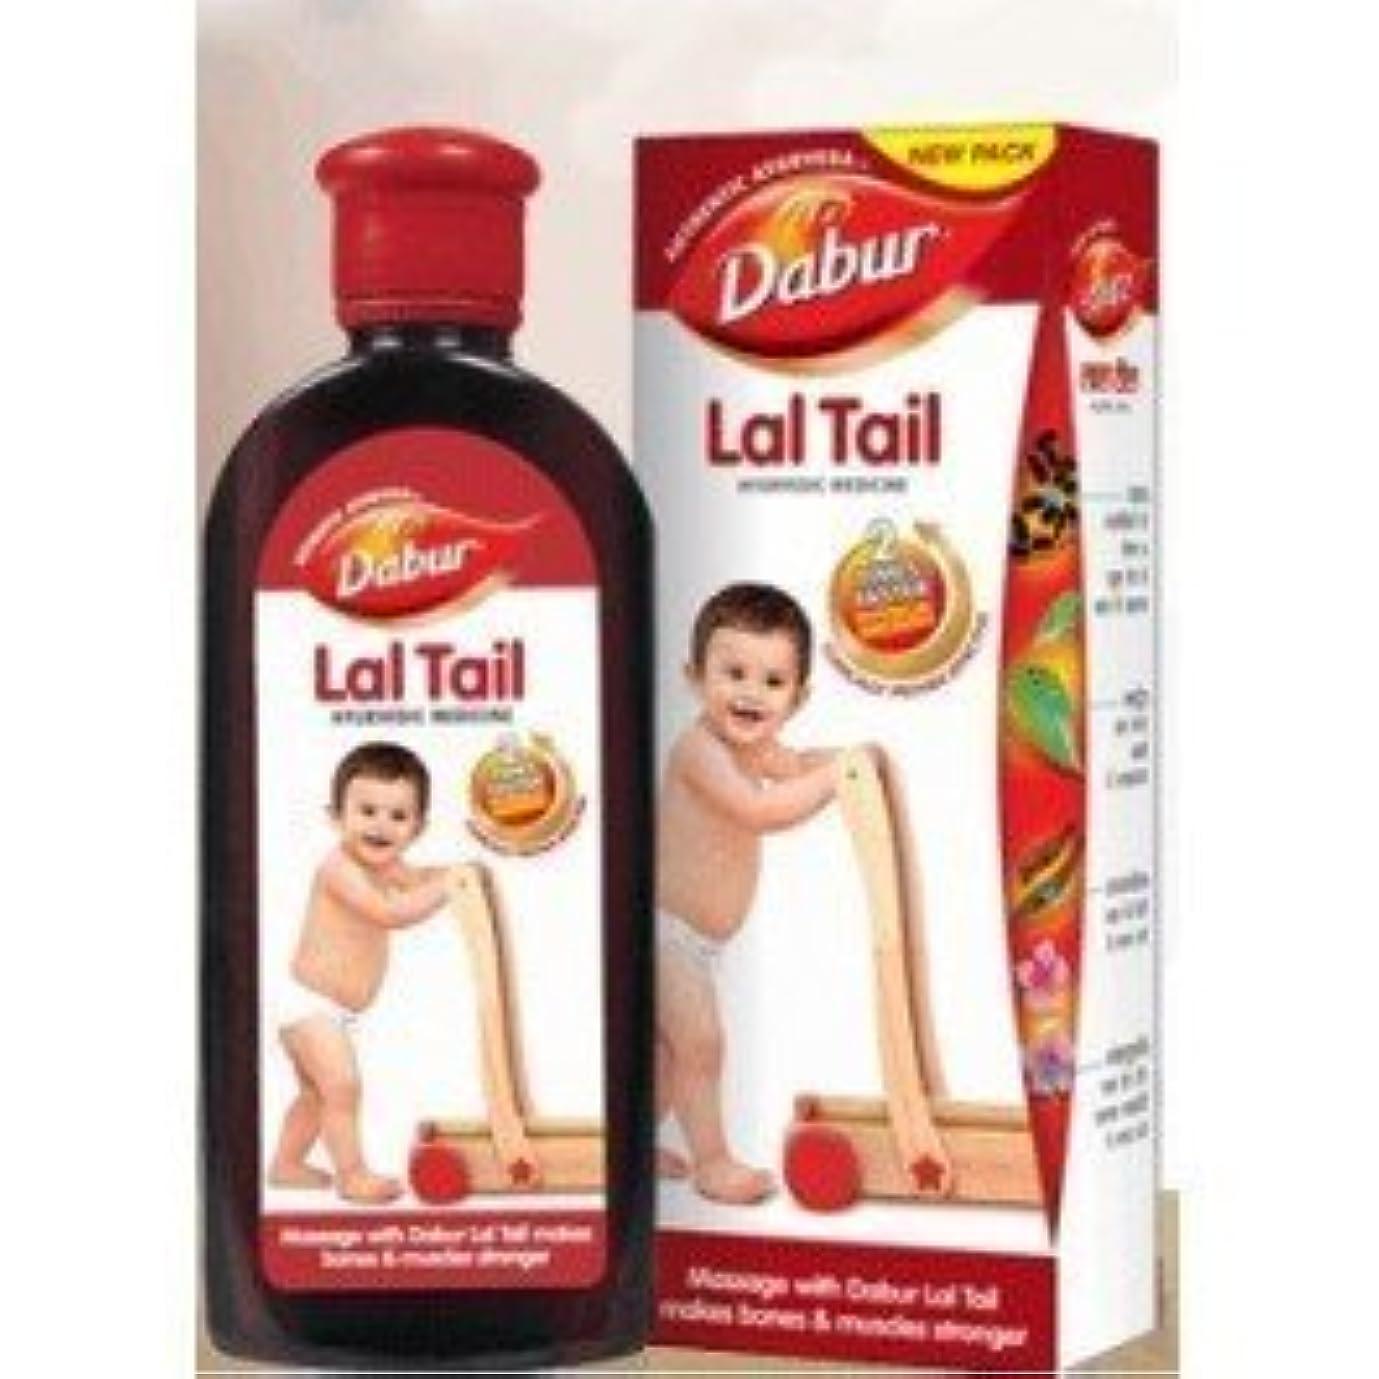 お風呂エンジニアリングハーフBaby / Child Natural Strengthening Herbal Ayurvedic Baby Massage Oil Dabur Lal Tail 100ml Large Size Infant by ILOVEBABY [並行輸入品]